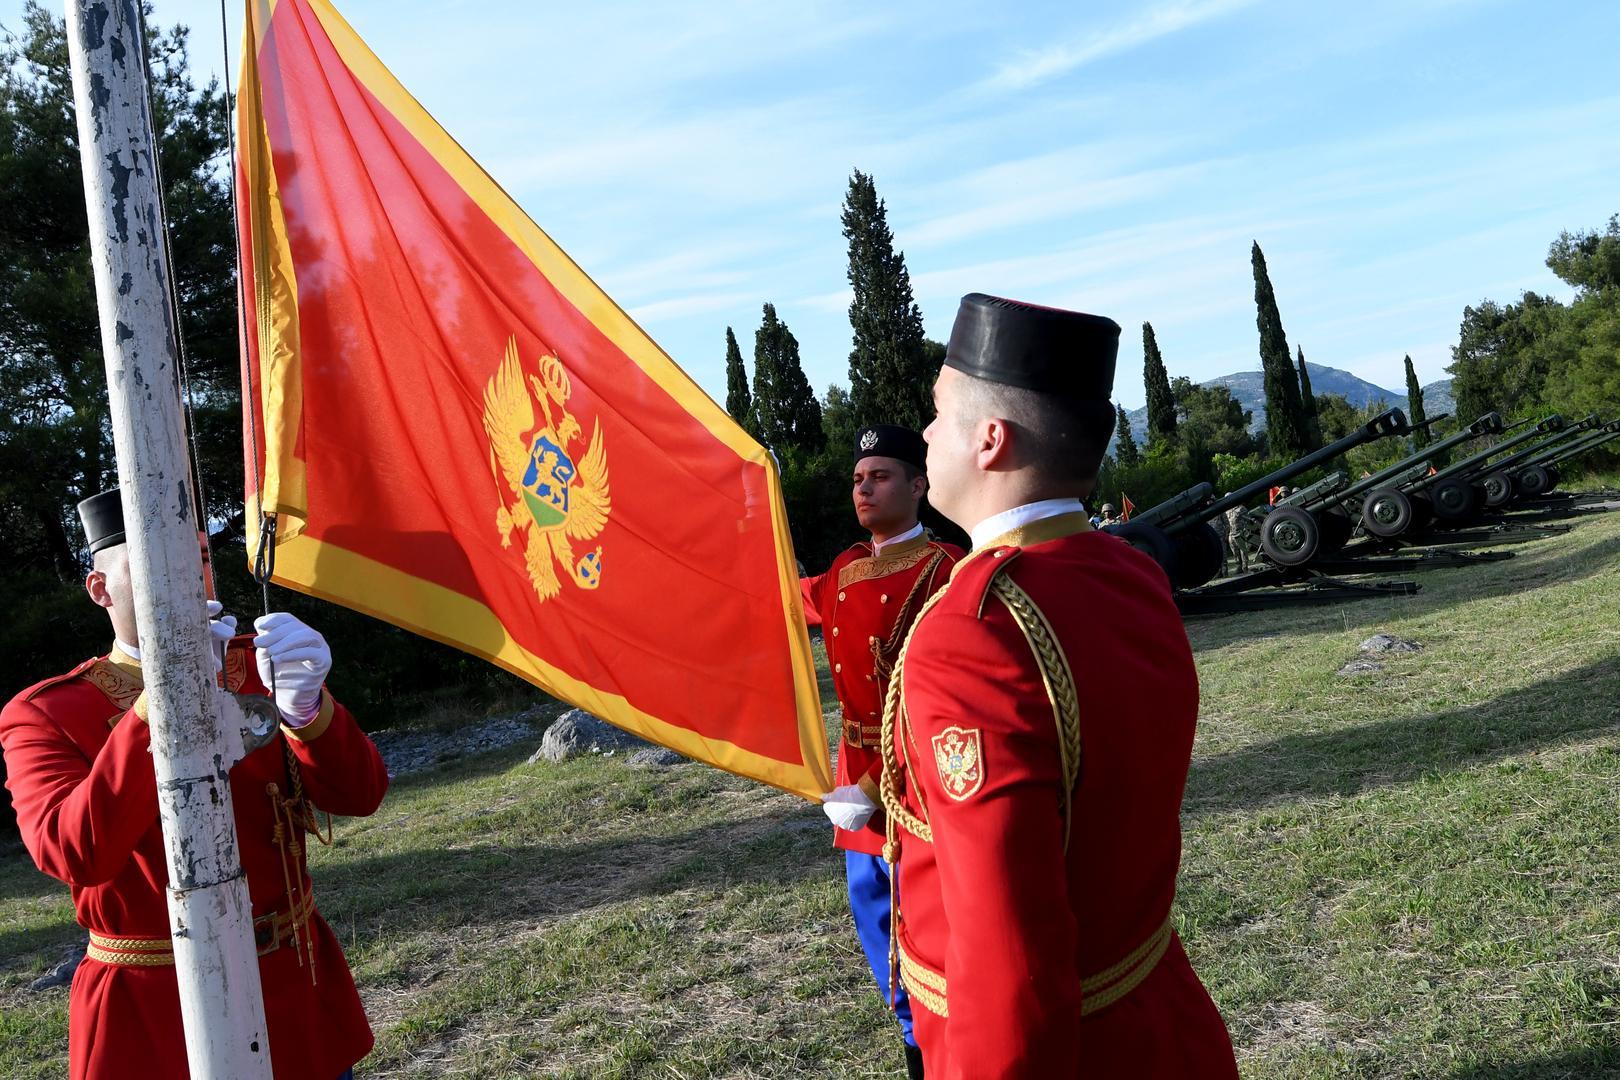 جمهورية الجبل الأسود تسمح بزواج المثليين